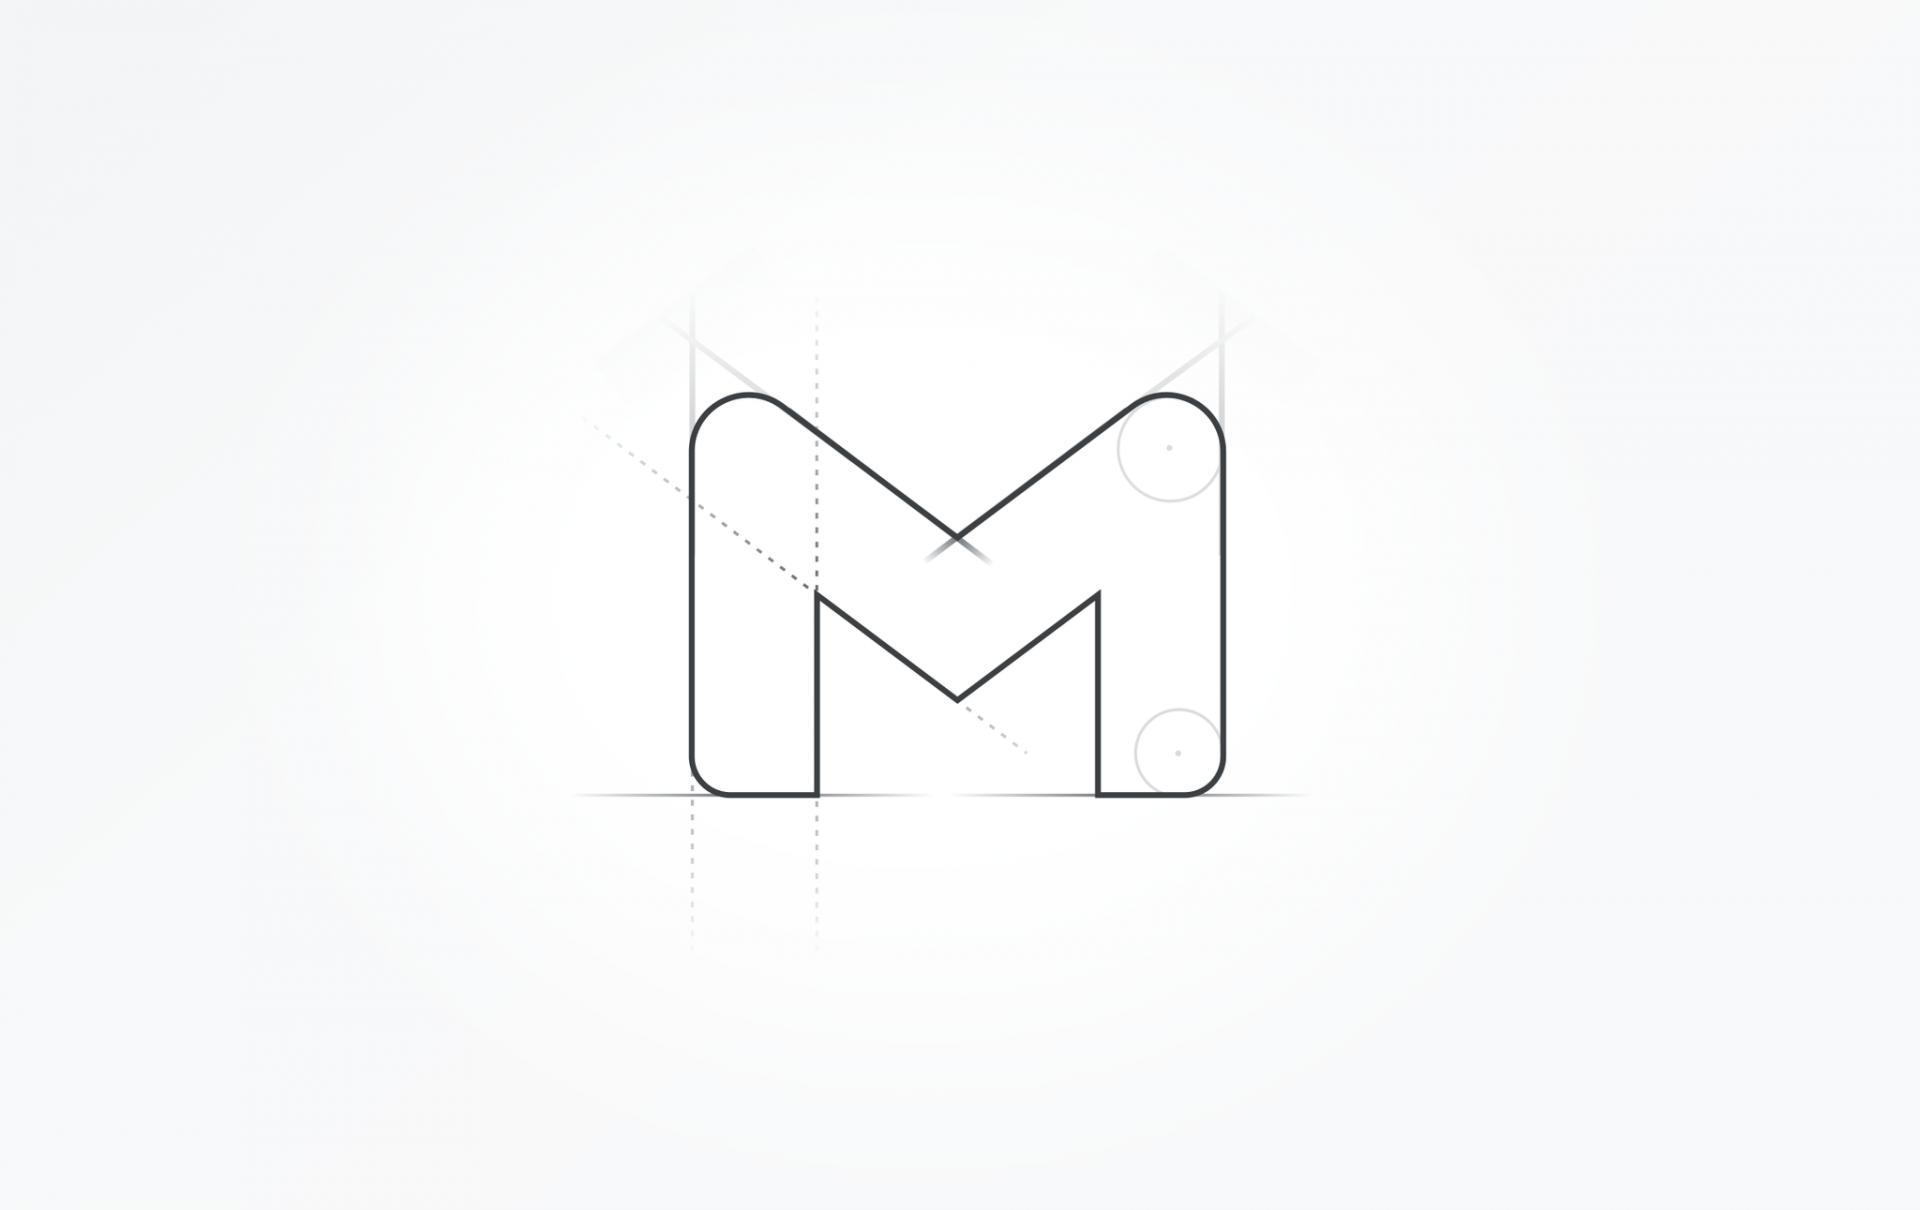 Google дразнит обновлением Gmail, покрайней мере свежей иконкой